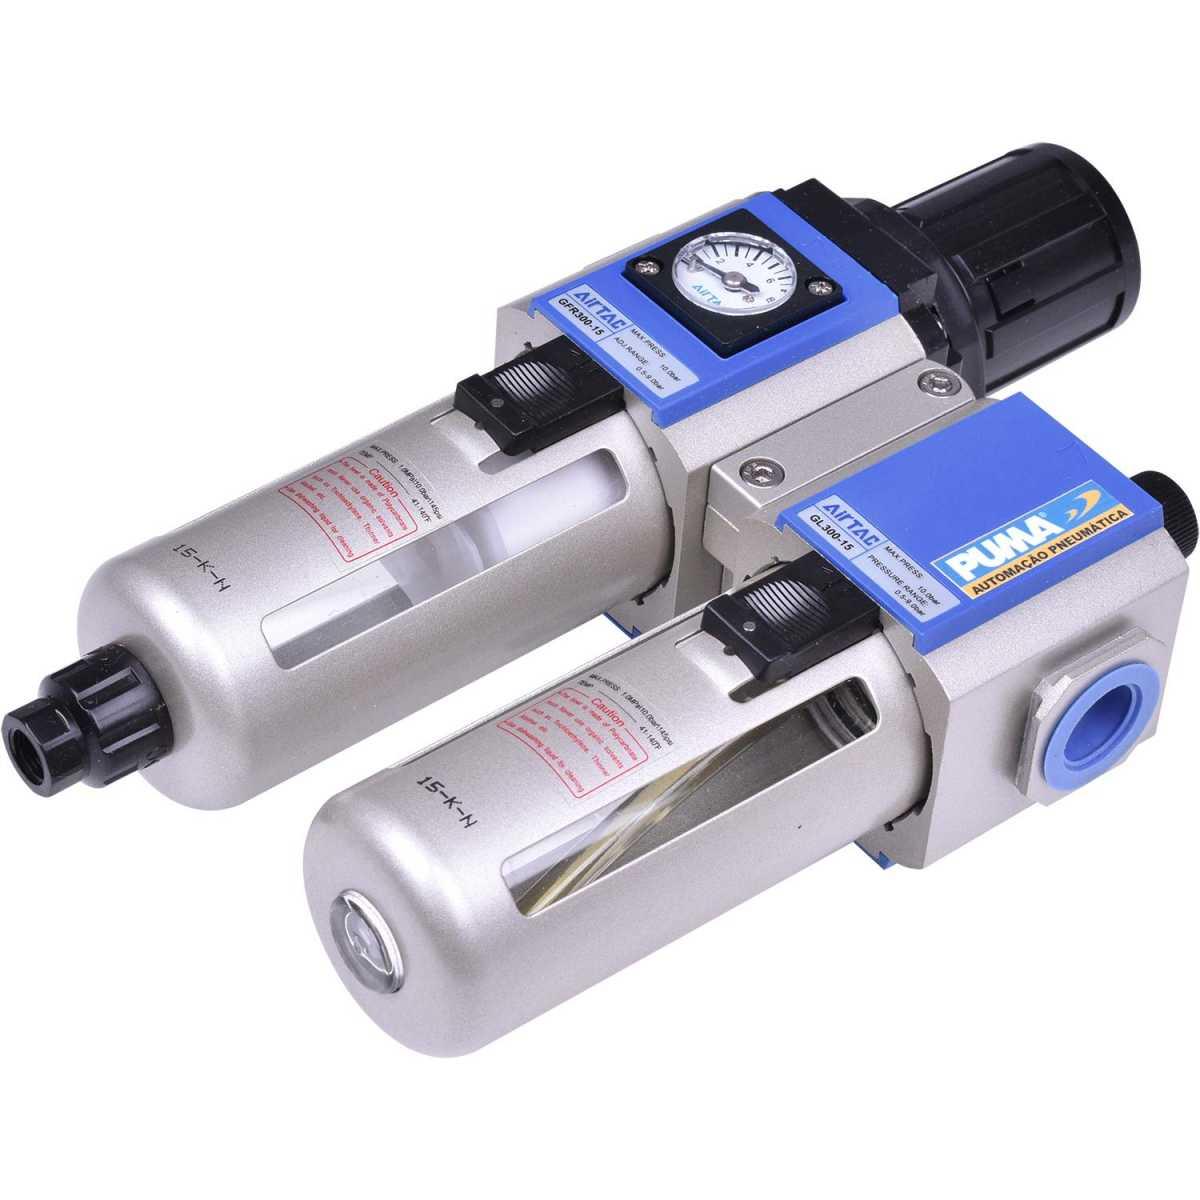 """Filtro Regulador Lubrificador Ar e Óleo 1/2"""" Tfrl12 Puma 5 Micra"""